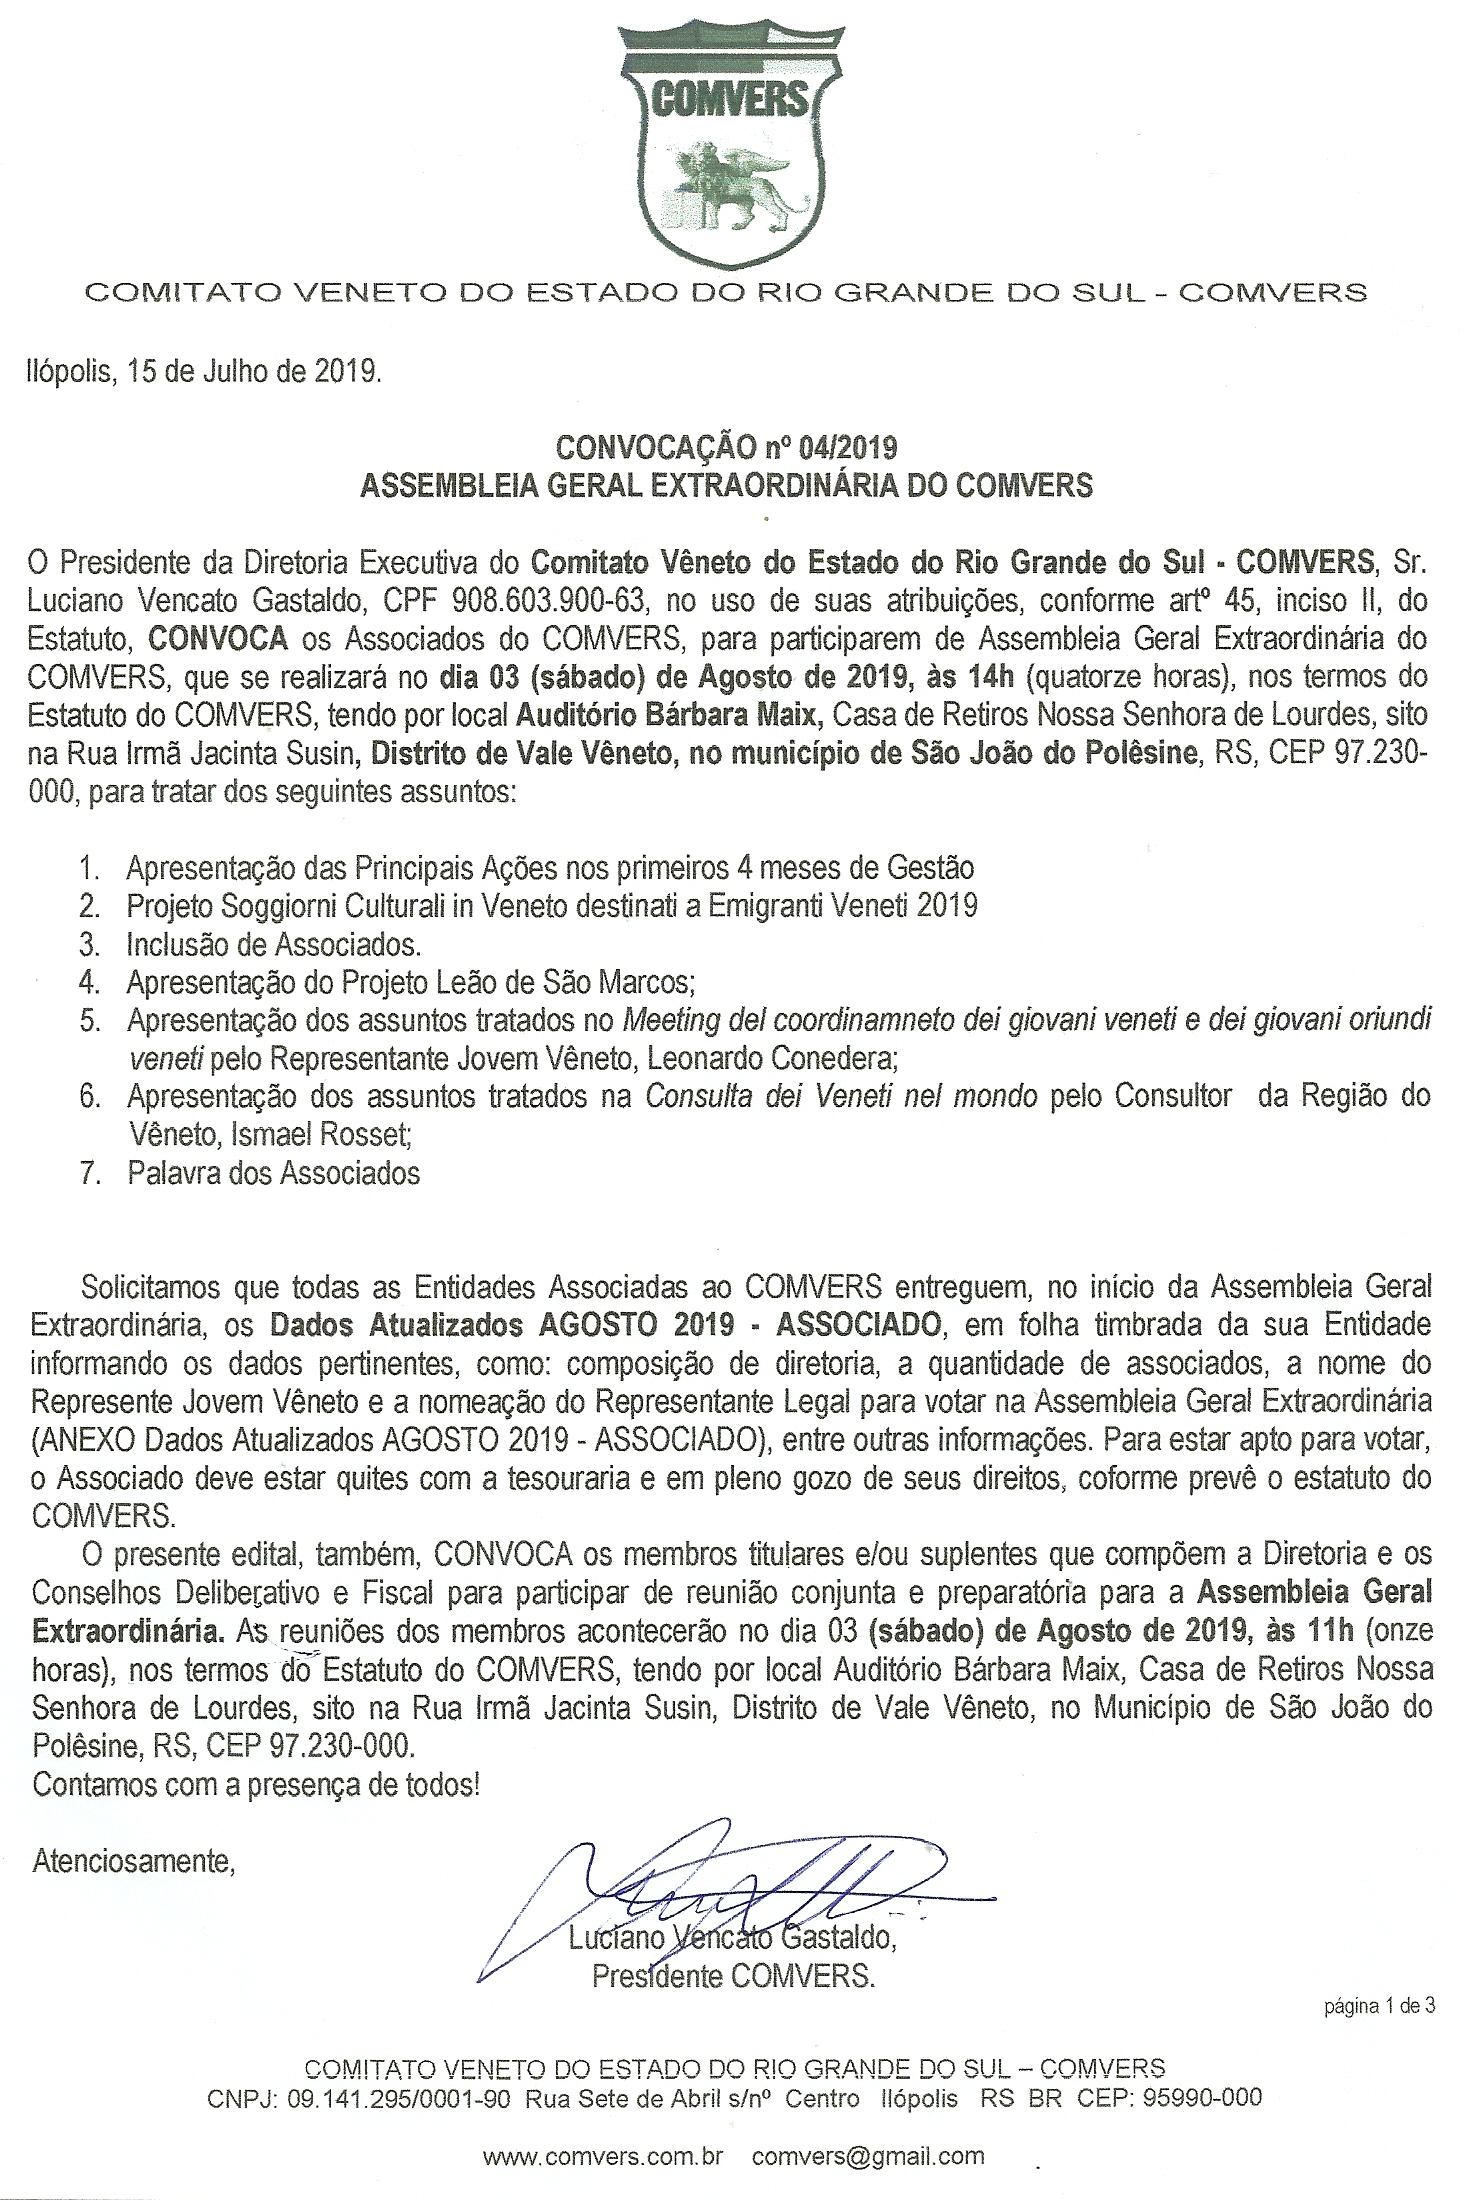 EDITAL CONVOCAÇÃO AGE 04 - DIA 03/08/2019